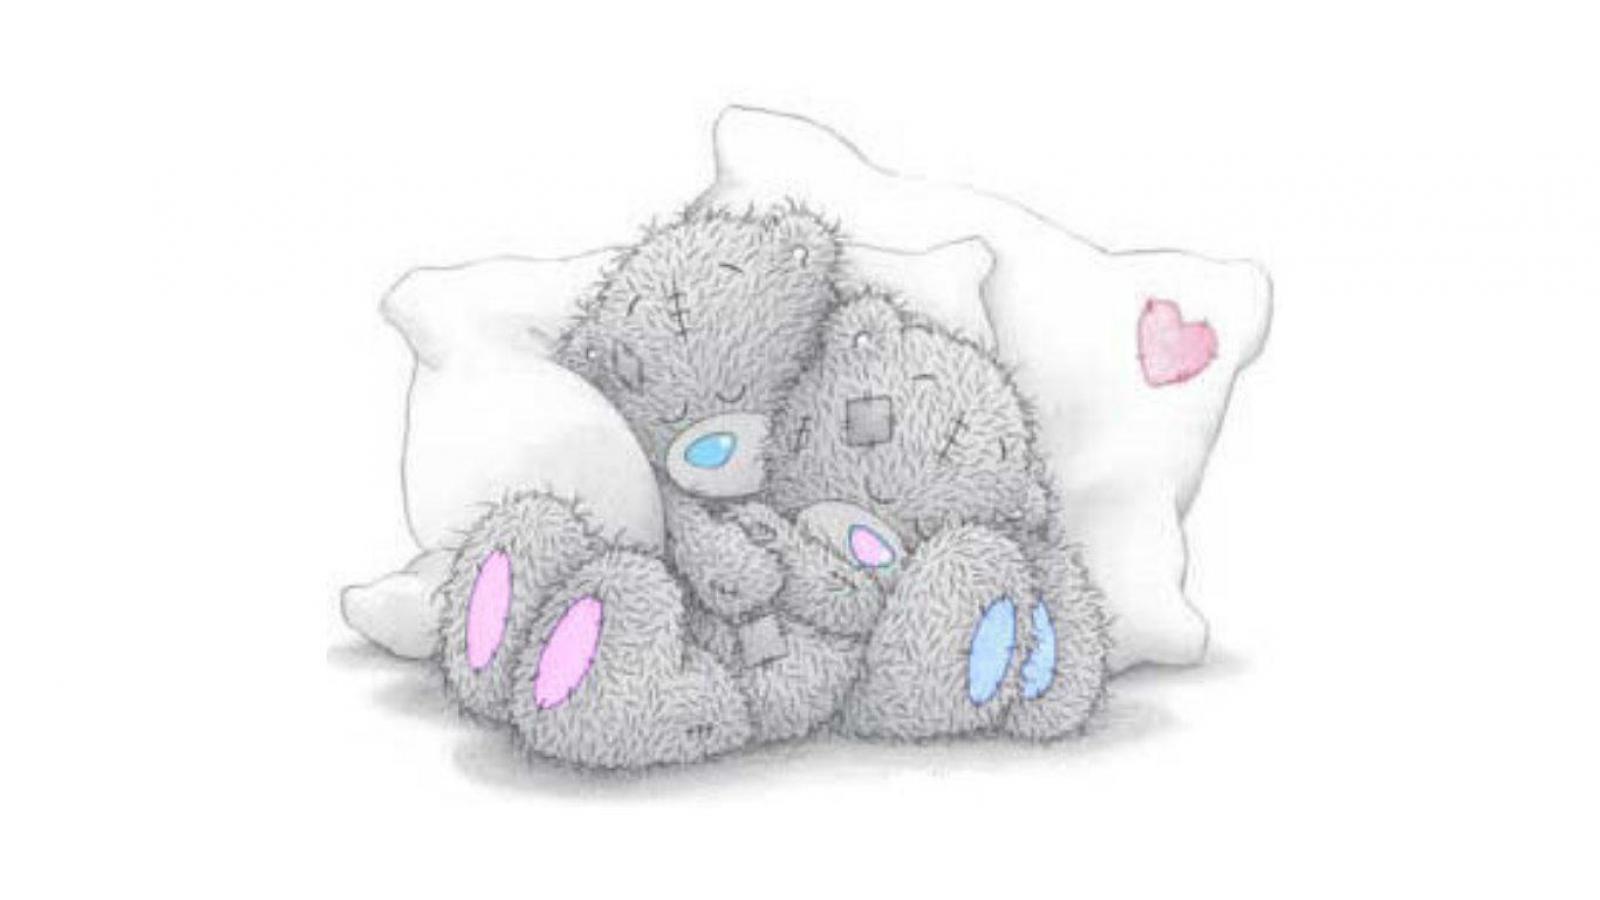 В этой галерее ты найдёшь множество мишек teddy! брать можно всё!